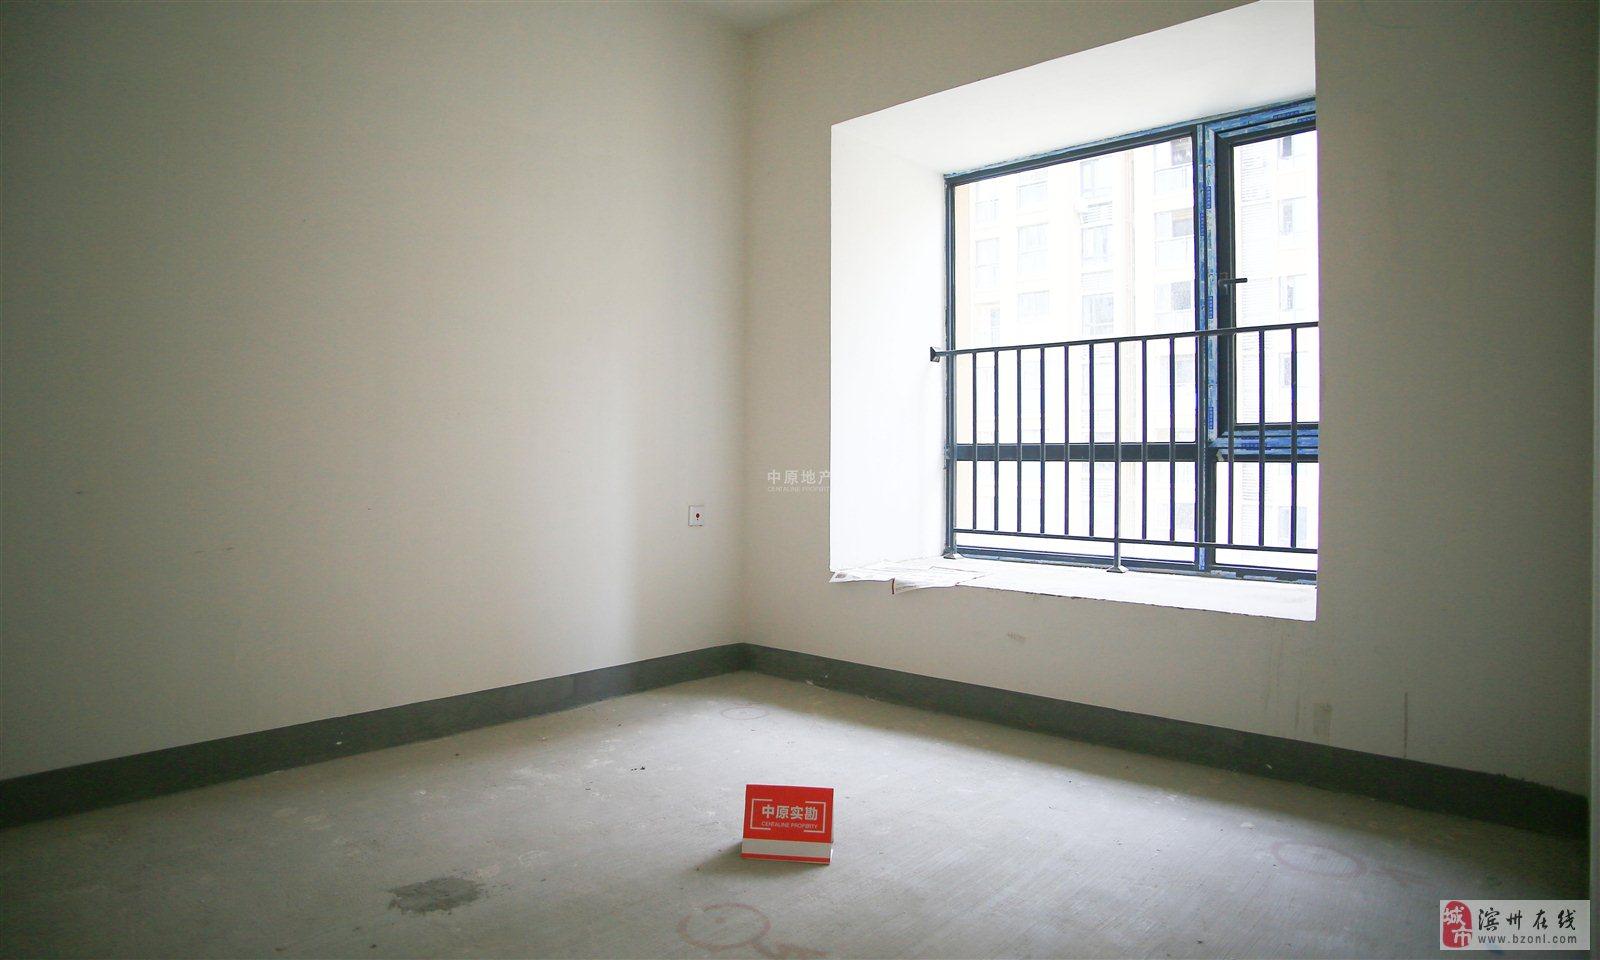 天泰華濱·勝利御園3室2廳1衛89萬元